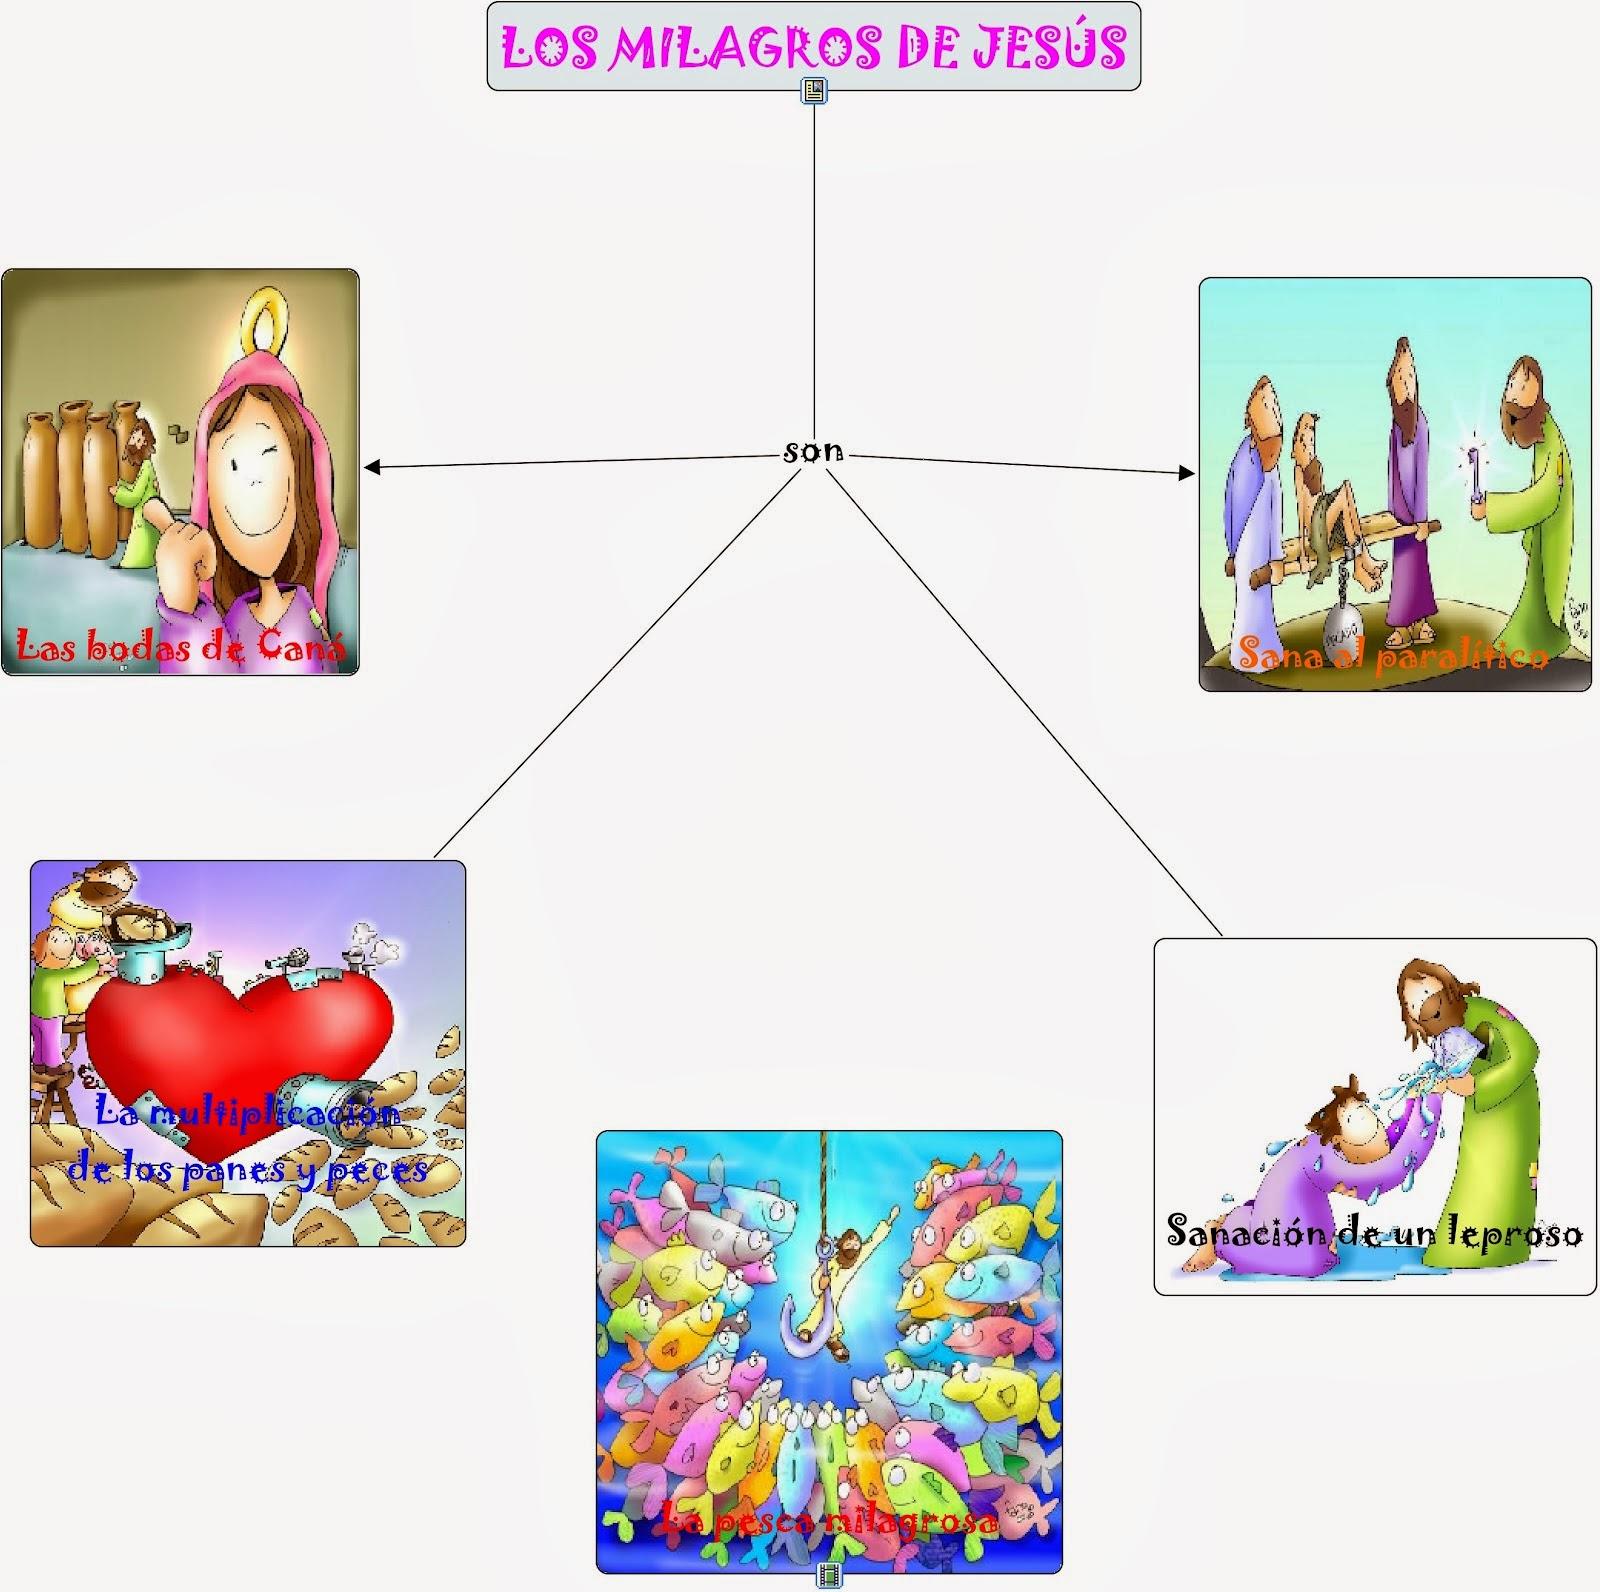 Abriendo camino juntos: LOS MILAGROS DE JESÚS